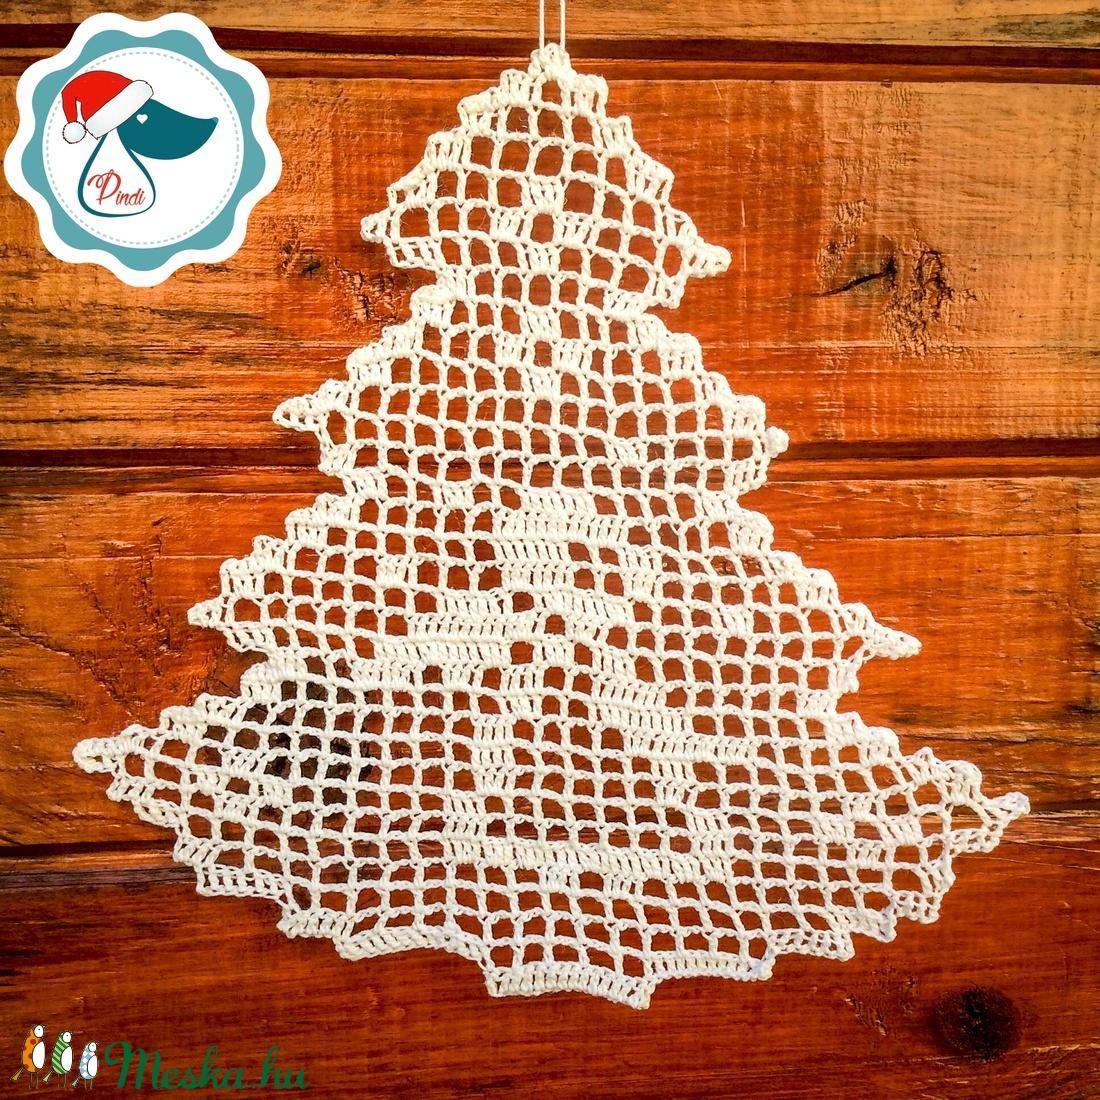 Egyedi horgolt sík fenyő forma - Karácsonyi ablak dísz - karácsonyi dekorácíó- karácsonyi ajándék  (Pindiart) - Meska.hu